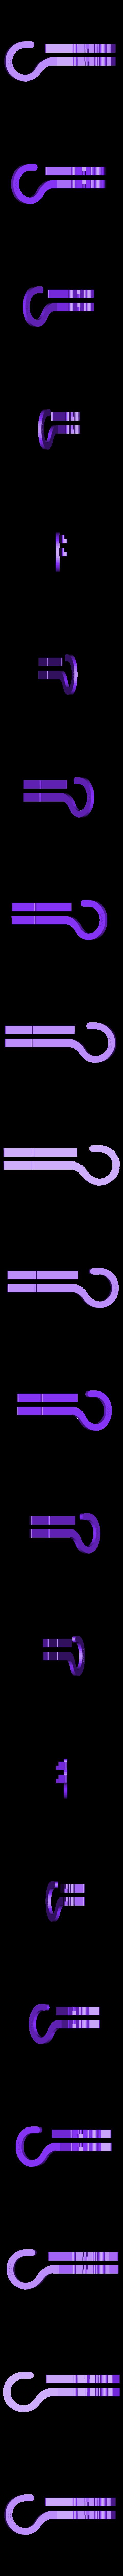 Pince a linge camping 3.stl Télécharger fichier STL gratuit Pince à linge camping ou voyage • Objet à imprimer en 3D, Ldom21